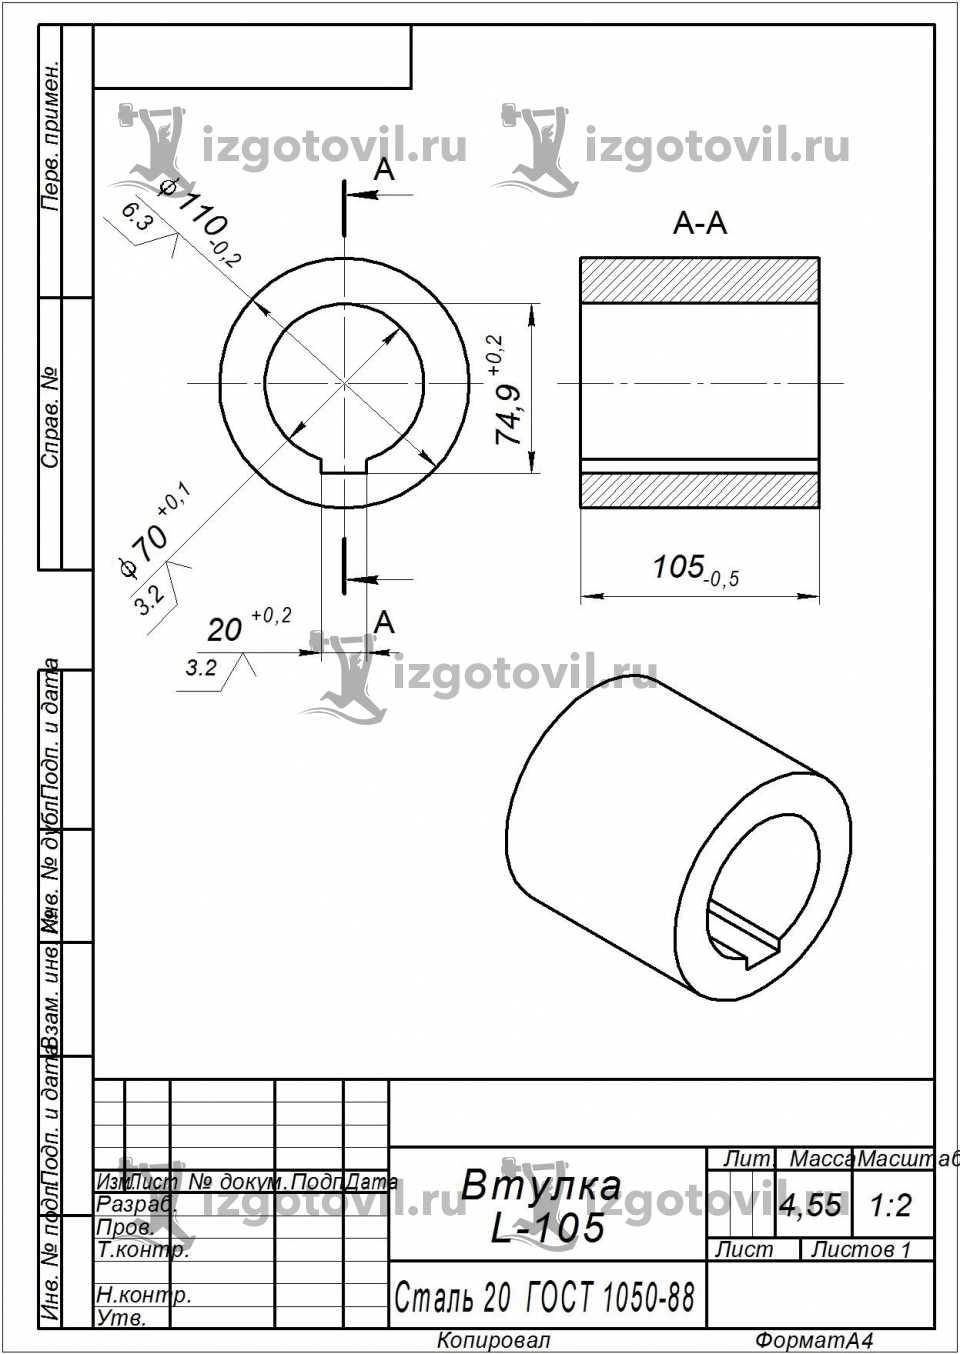 Токарная обработка стали - Втулка Шлицевая